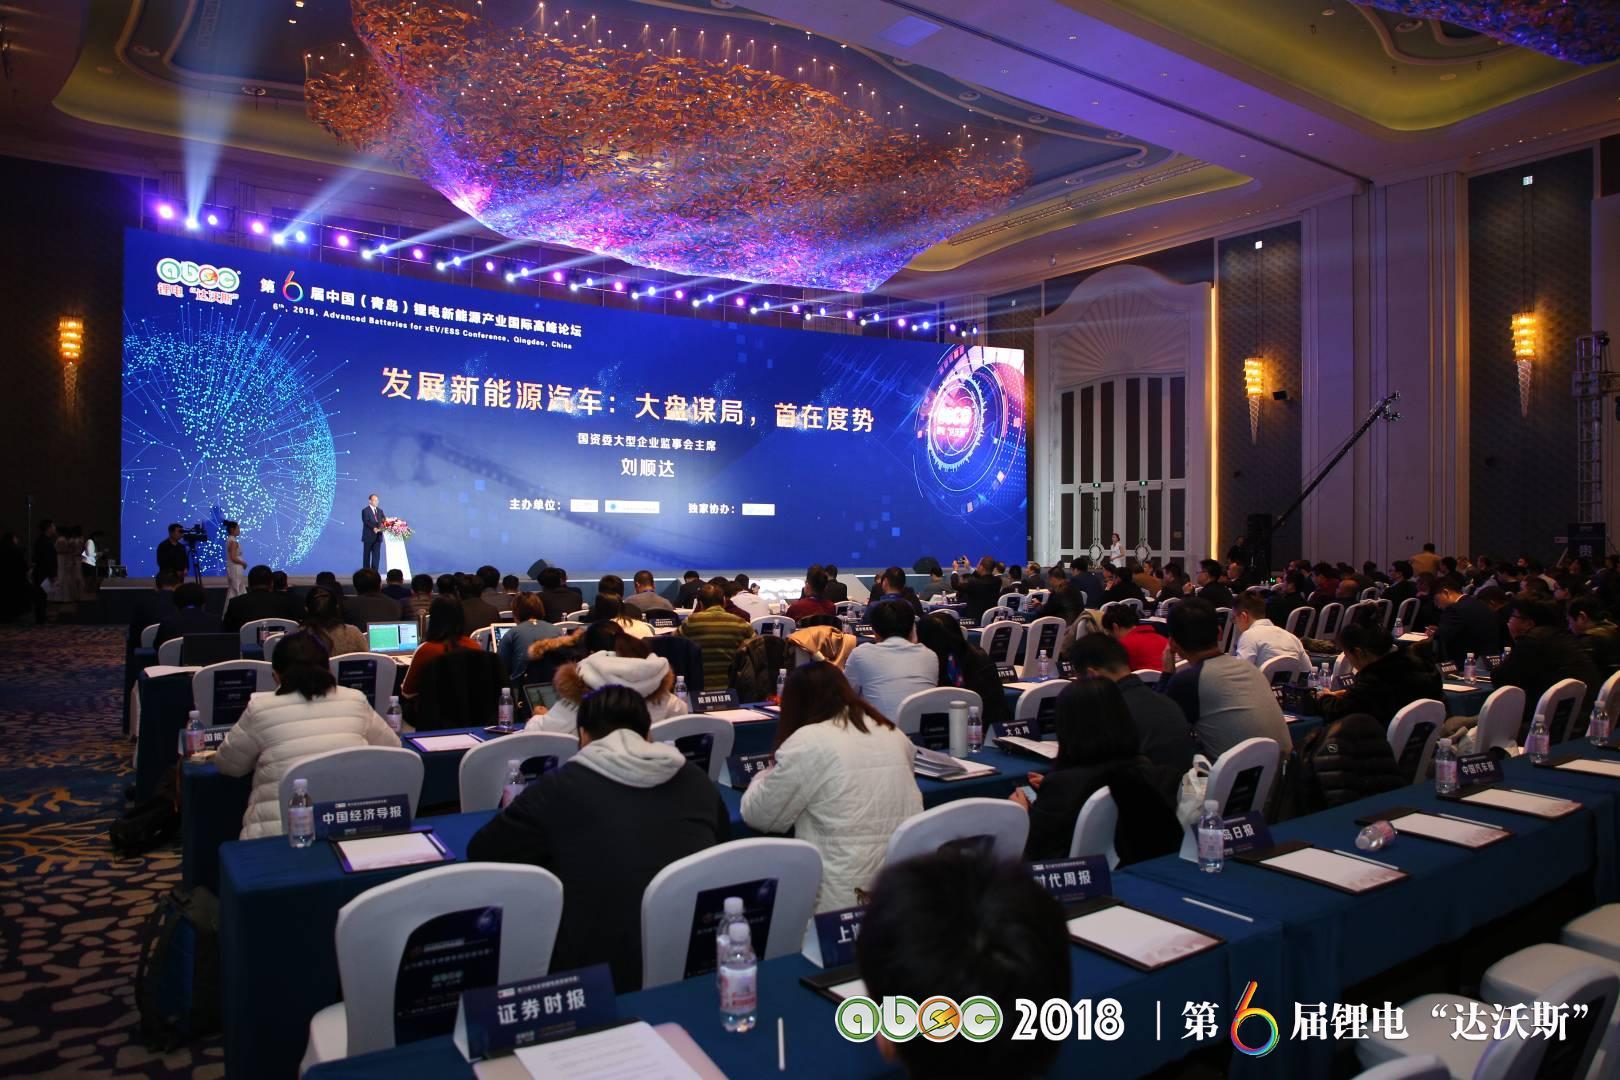 群英荟萃 锂电新能源产业国际高峰论坛青岛西海岸新区开幕